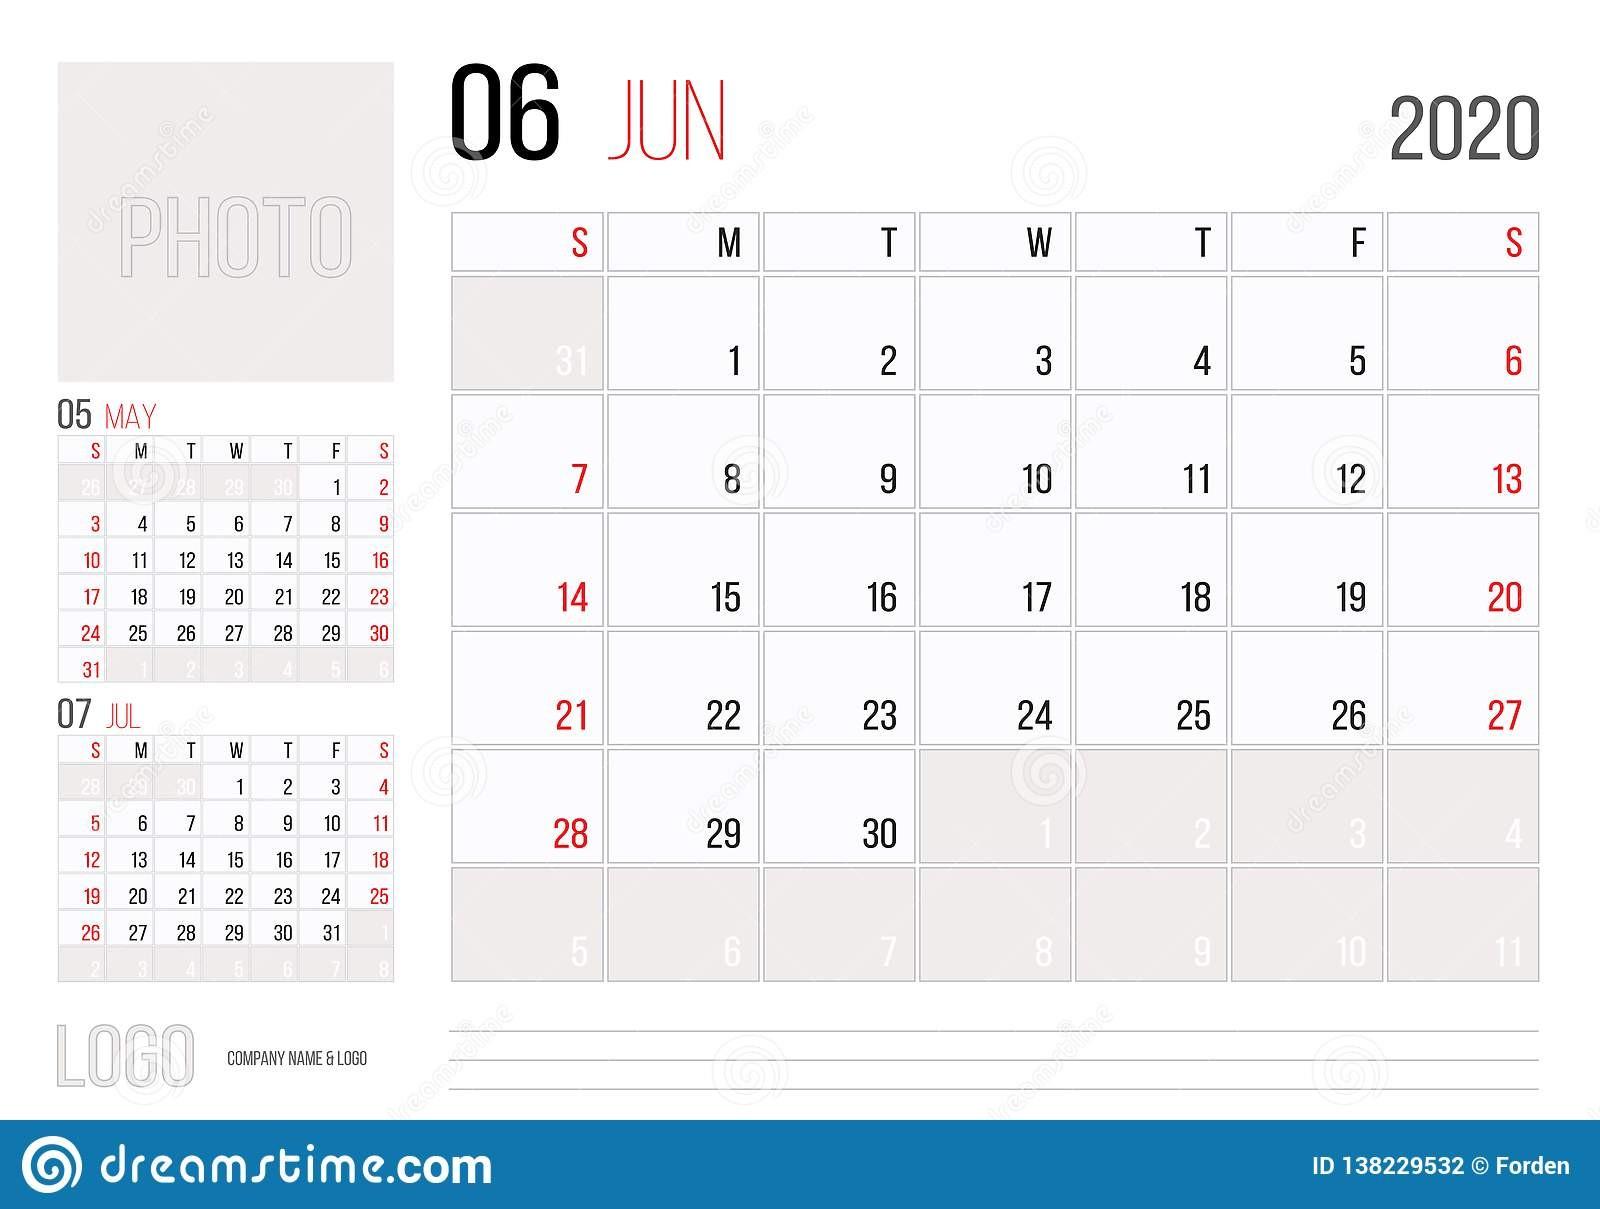 diseño corporativo de la plantilla del planificador calendario junio ienzo semana el domingo